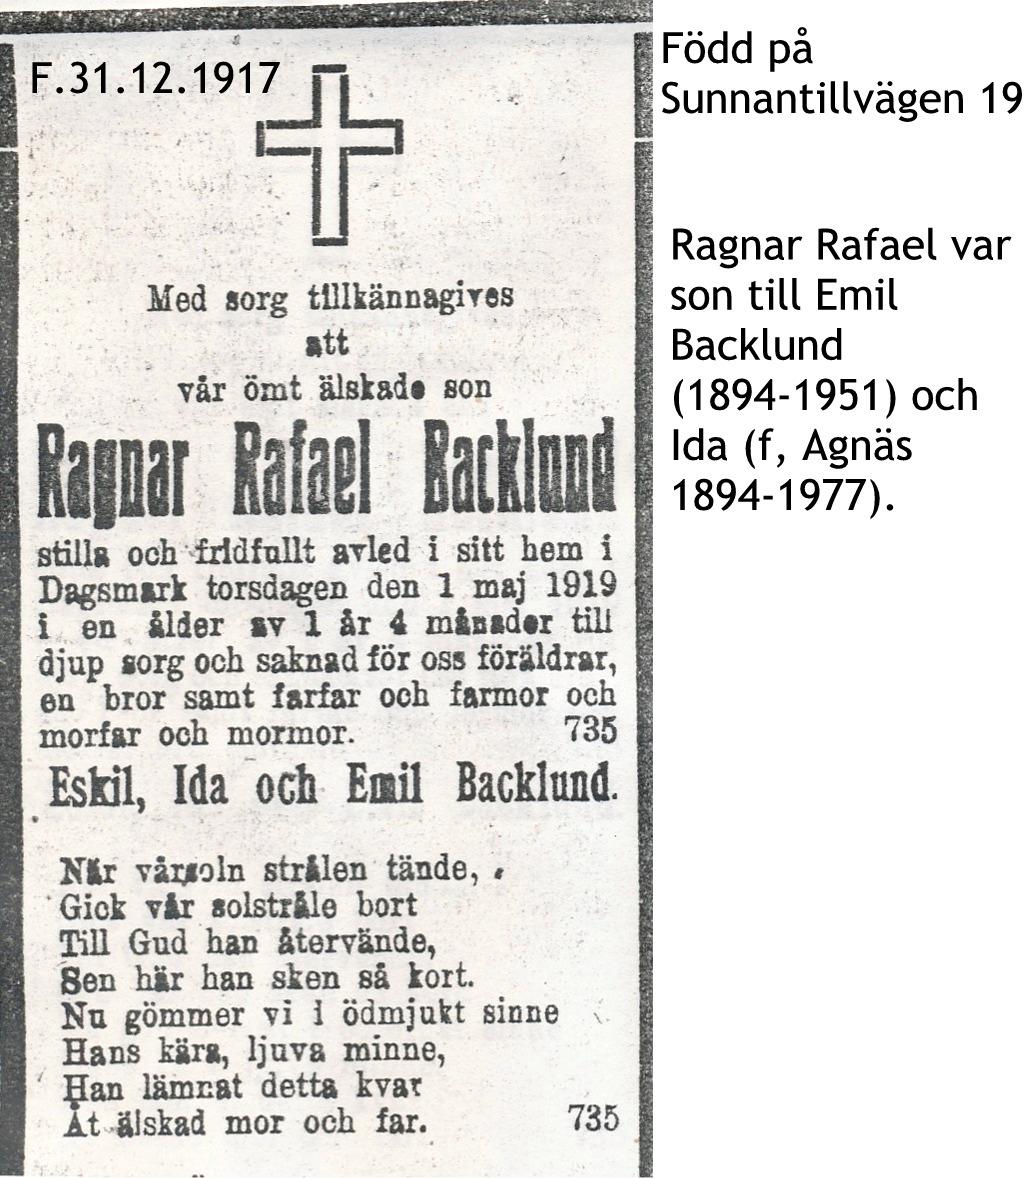 Backlund Ragnar Rafael